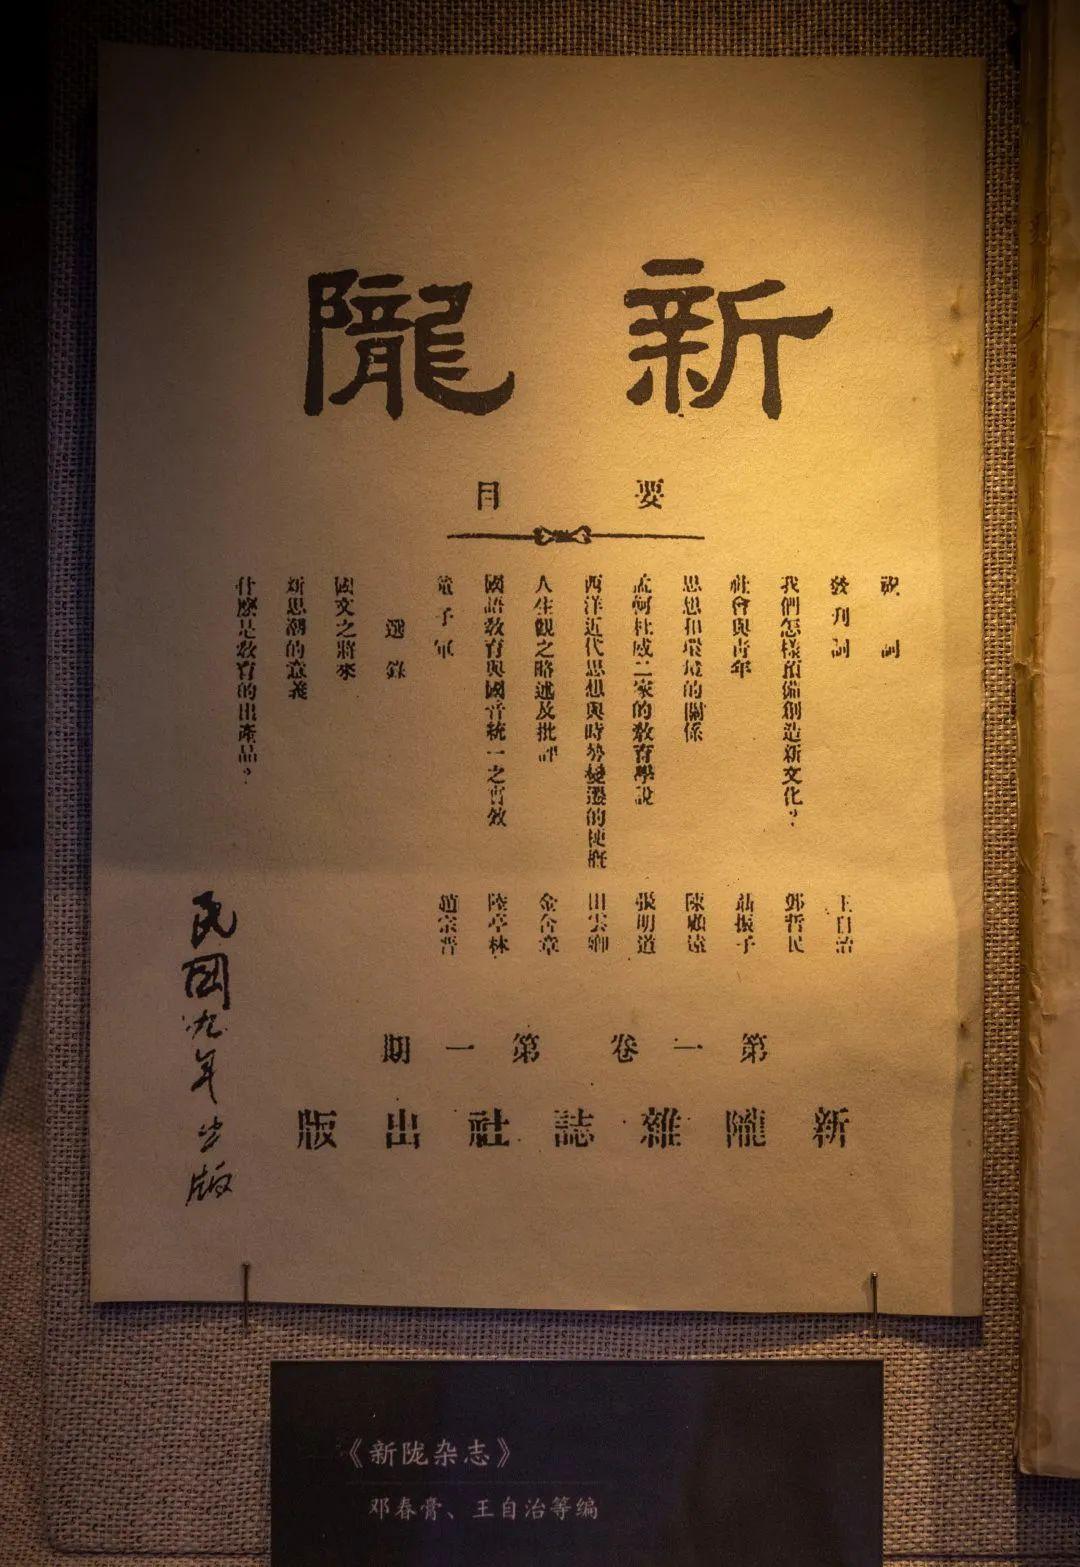 邓春膏、王自治等主编的《新陇》杂志